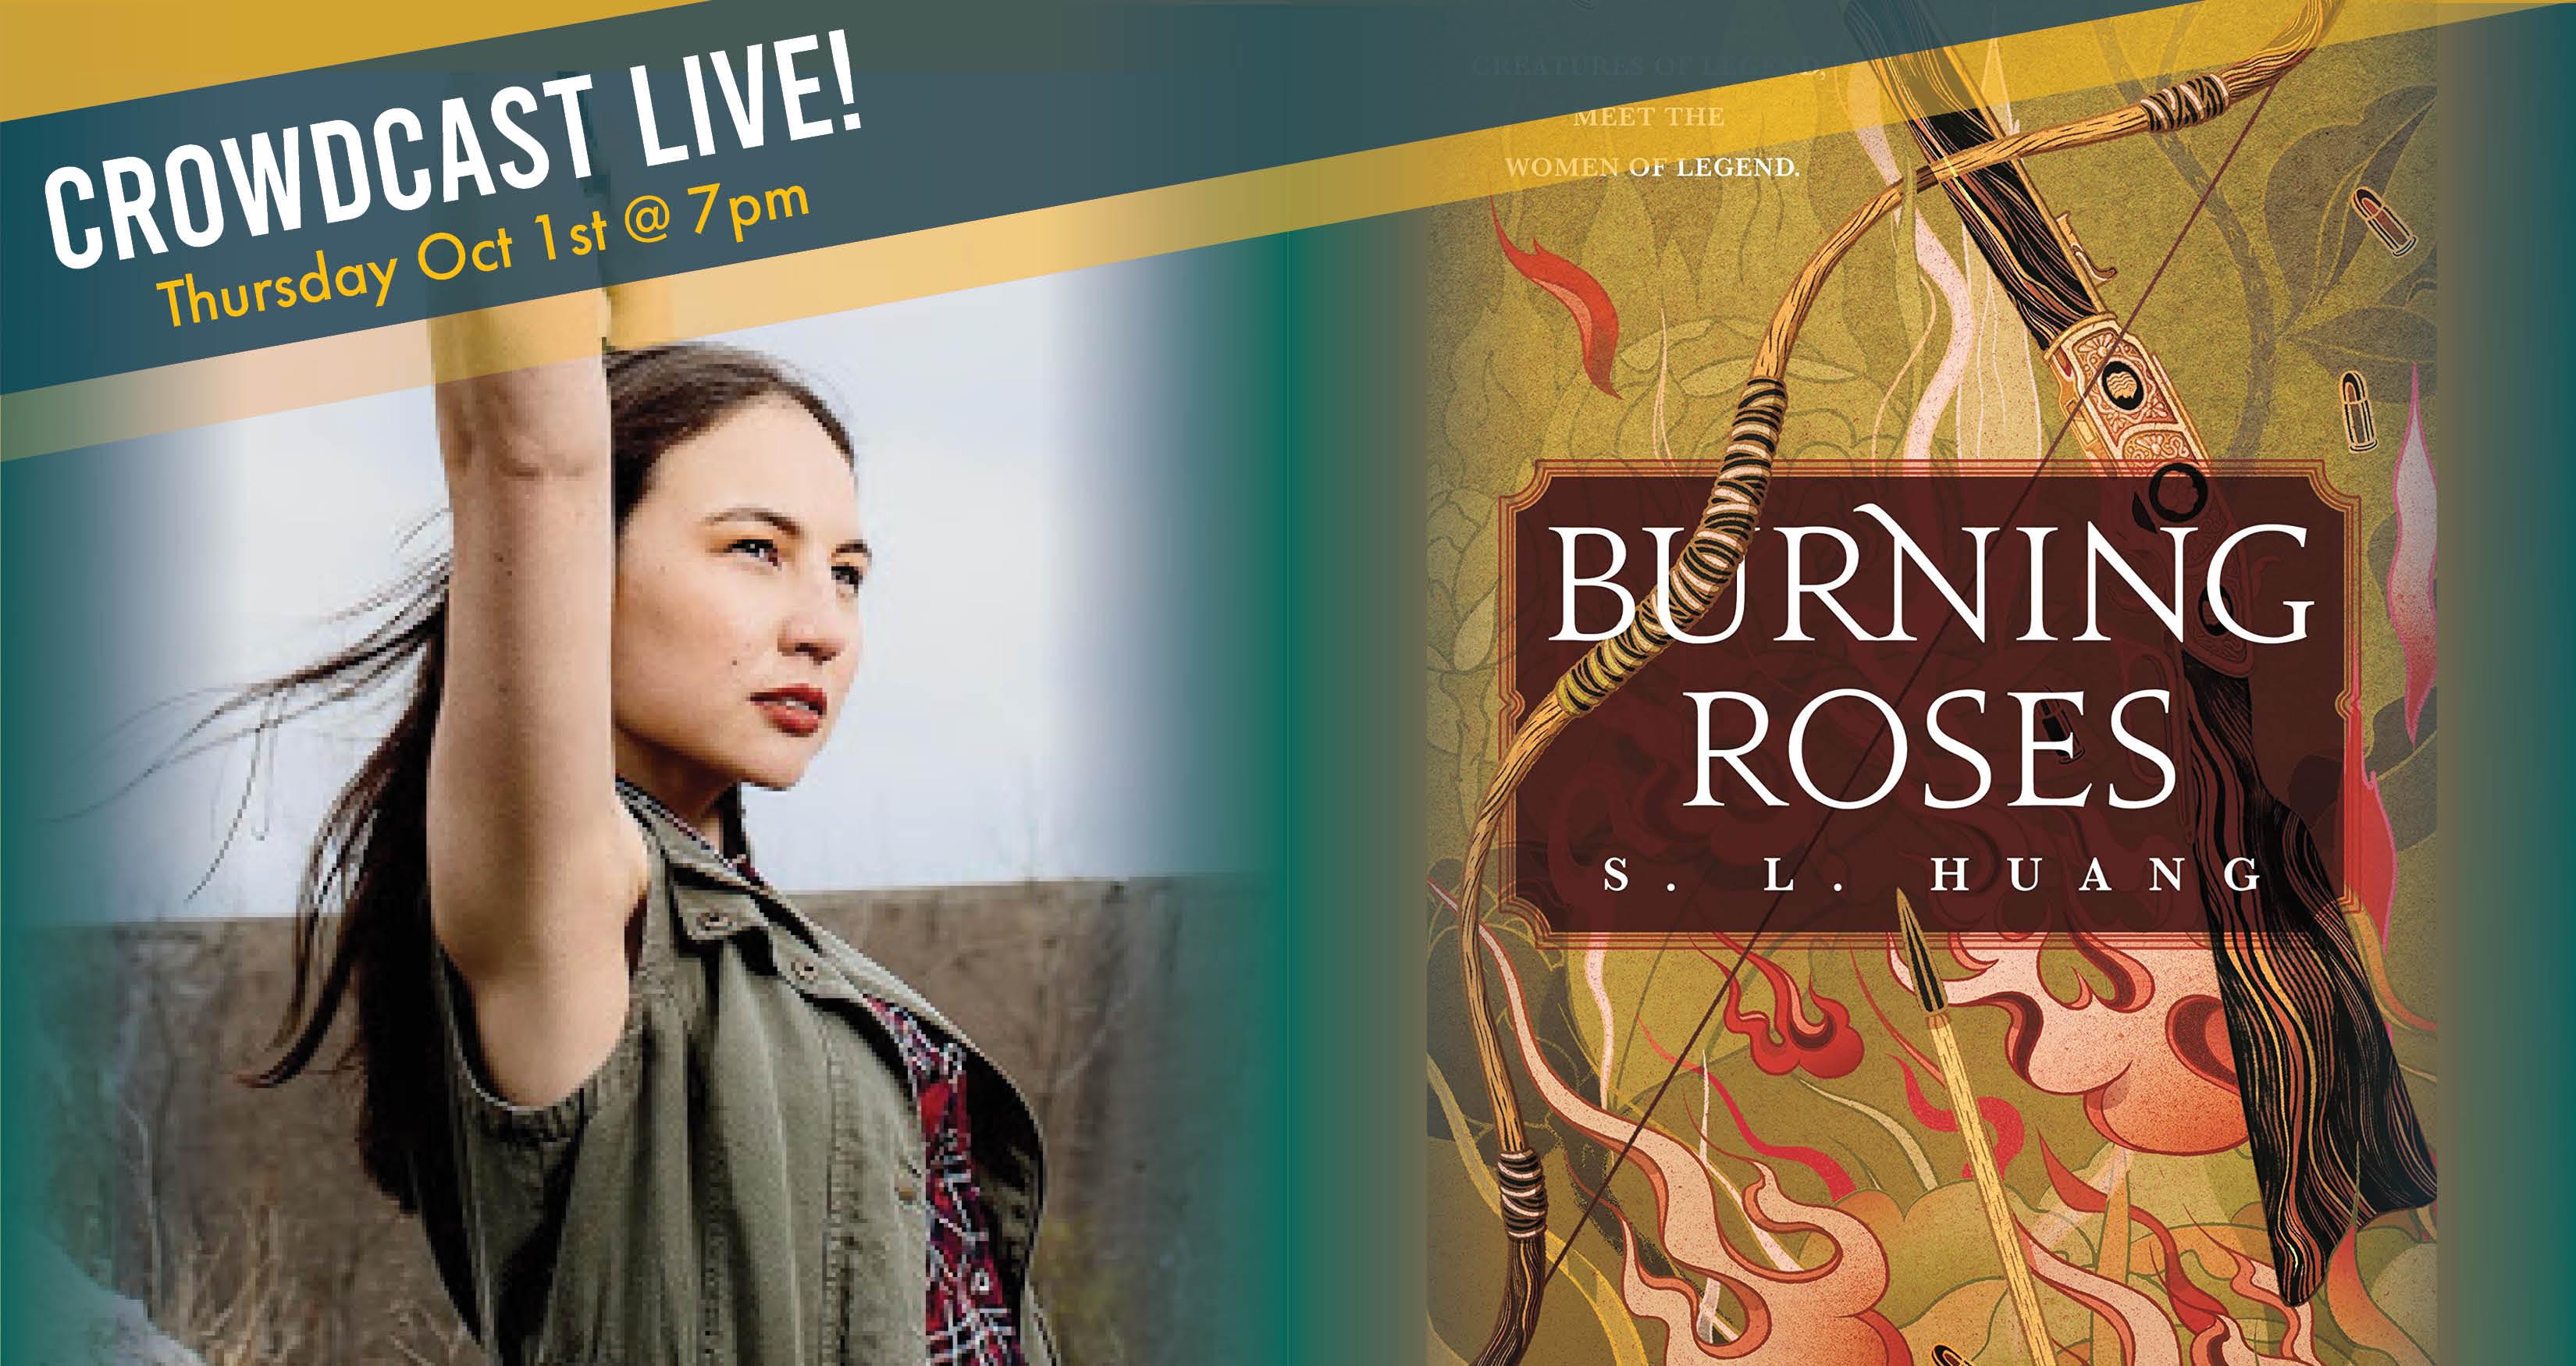 S. L. Huang - Burning Roses - Crowdcast LIVE